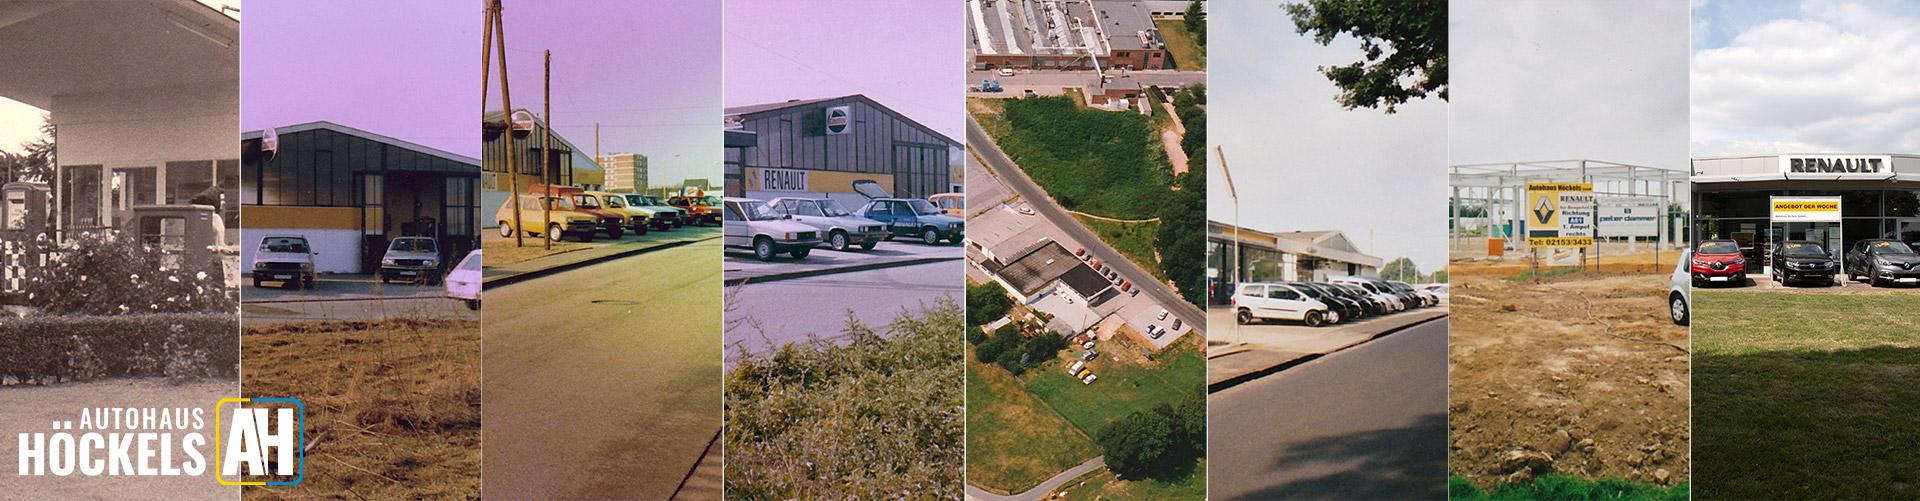 Autohaus Höckels Nettetal Historie